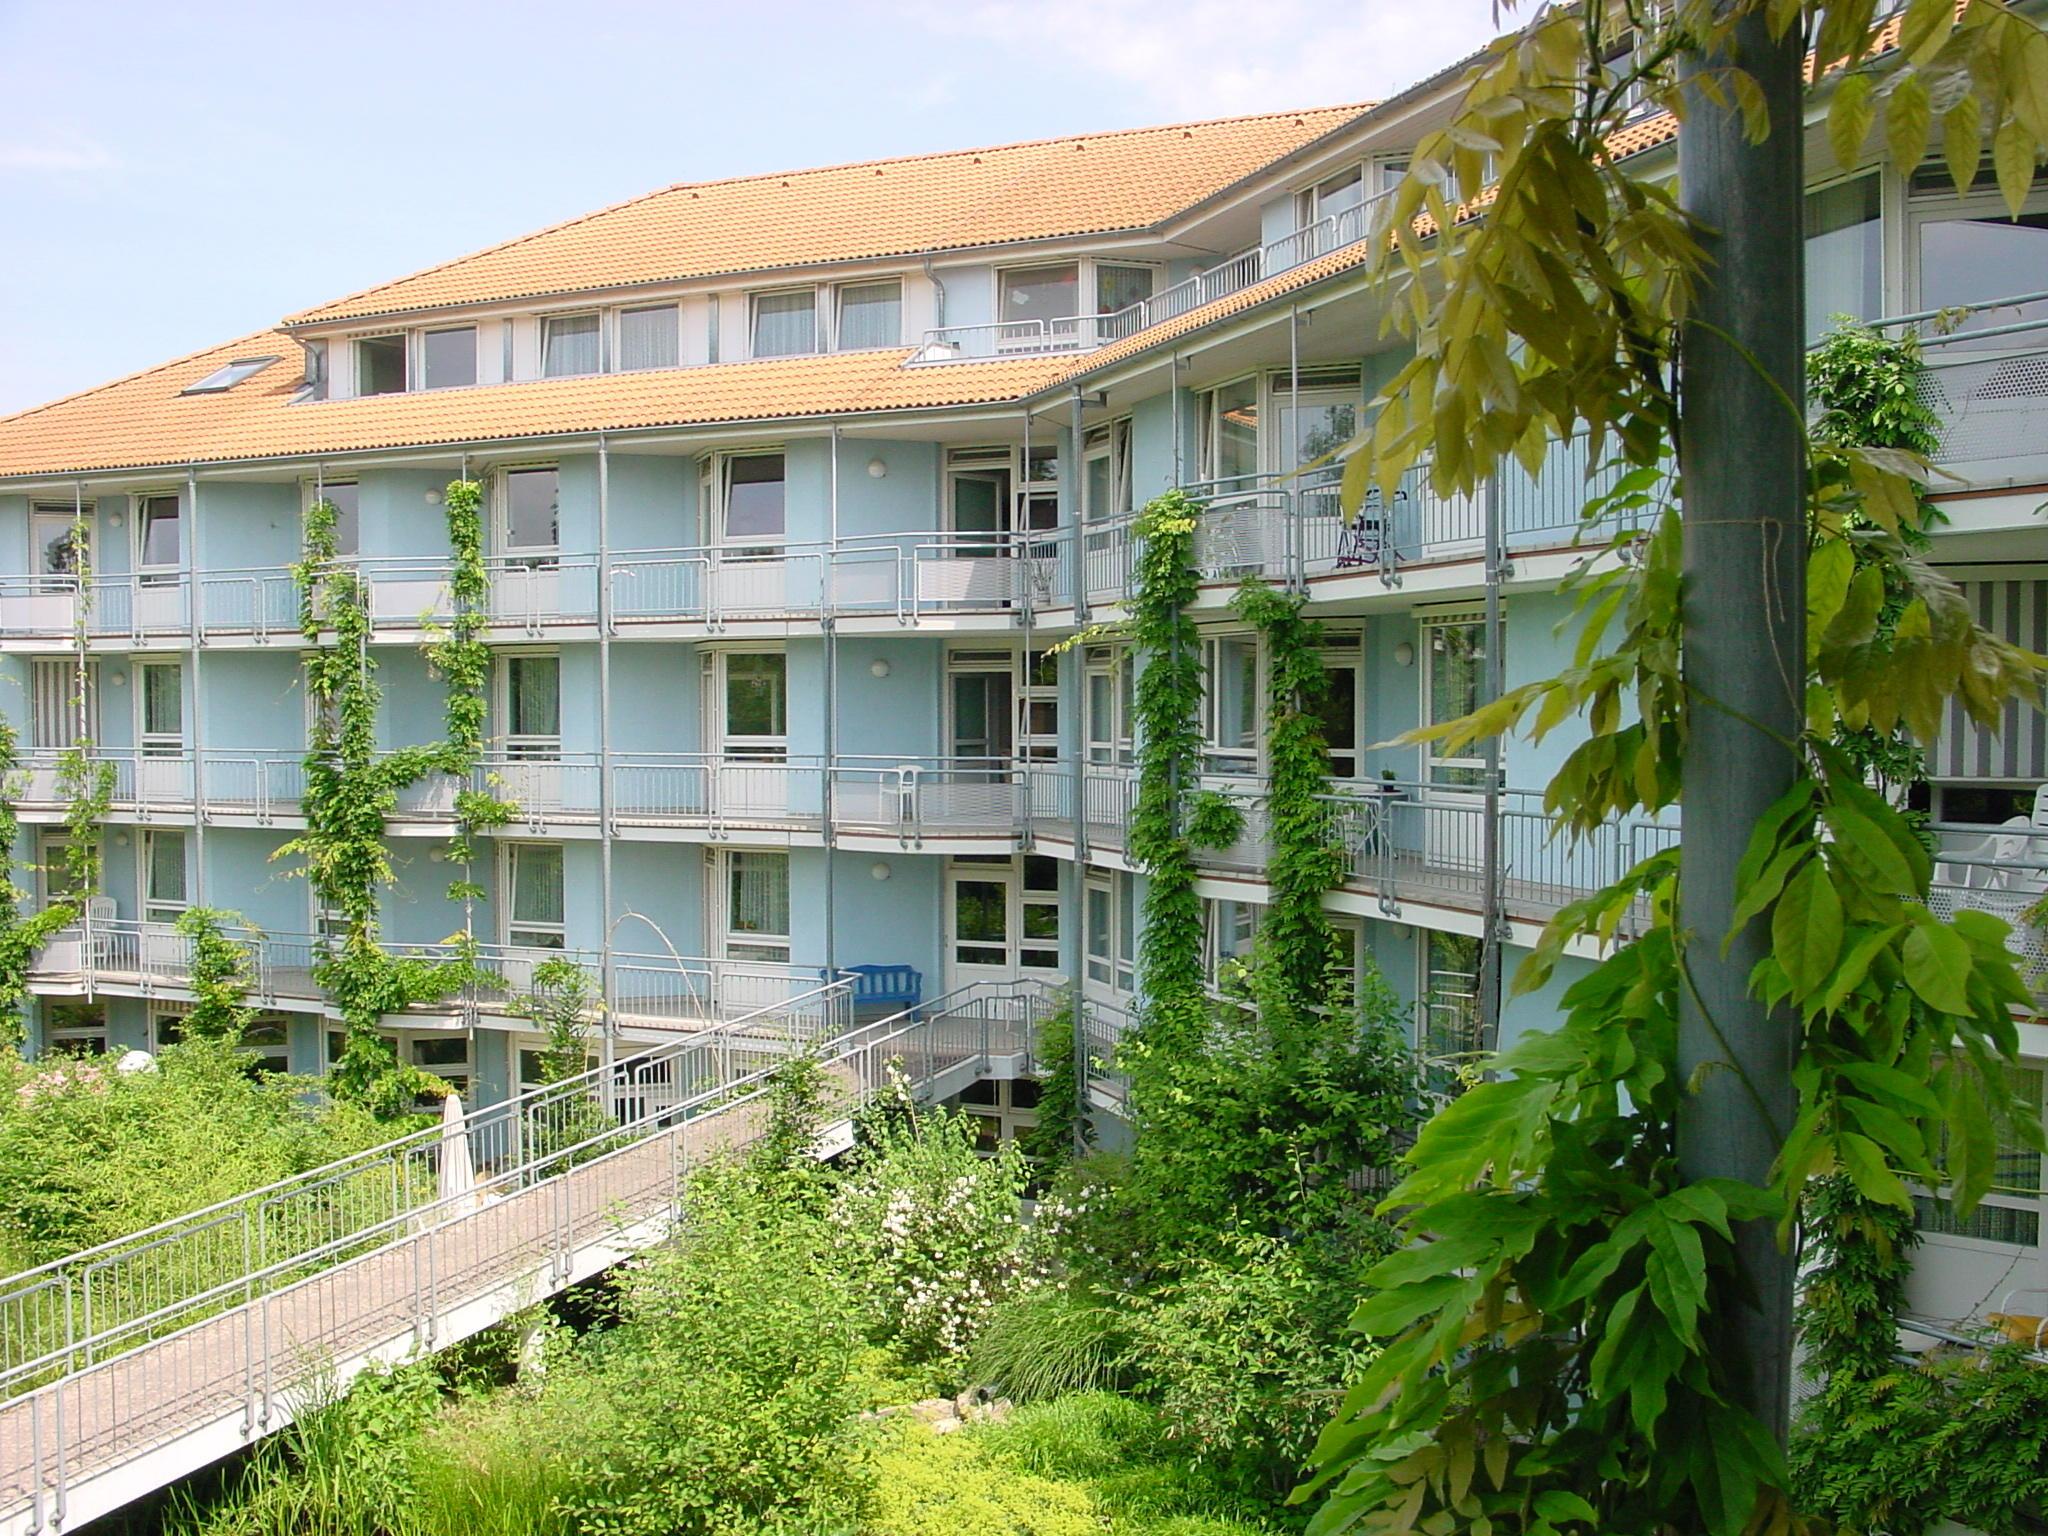 Seniorenpflegeheim Haus Siloah